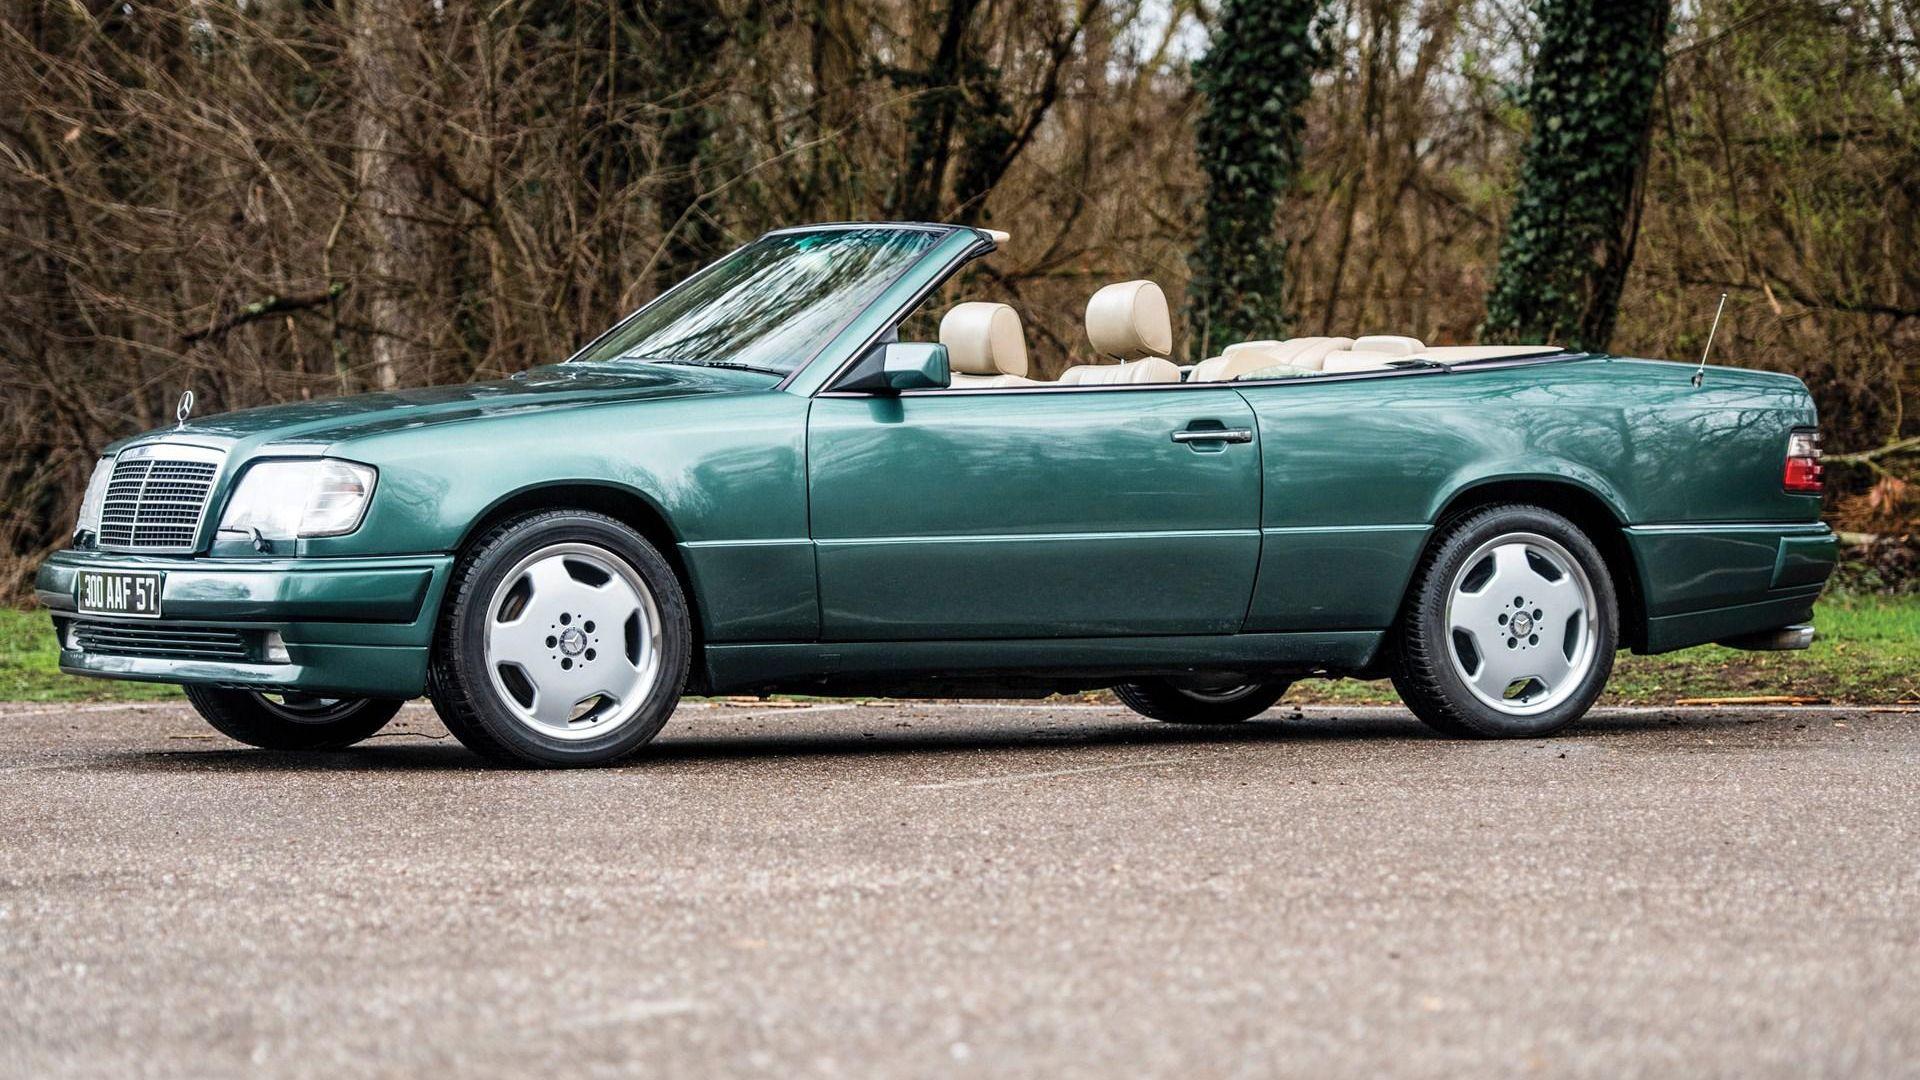 1994 mercedes benz e36 amg cabriolet vin wdb1240661c153574 classic com 1994 mercedes benz e36 amg cabriolet